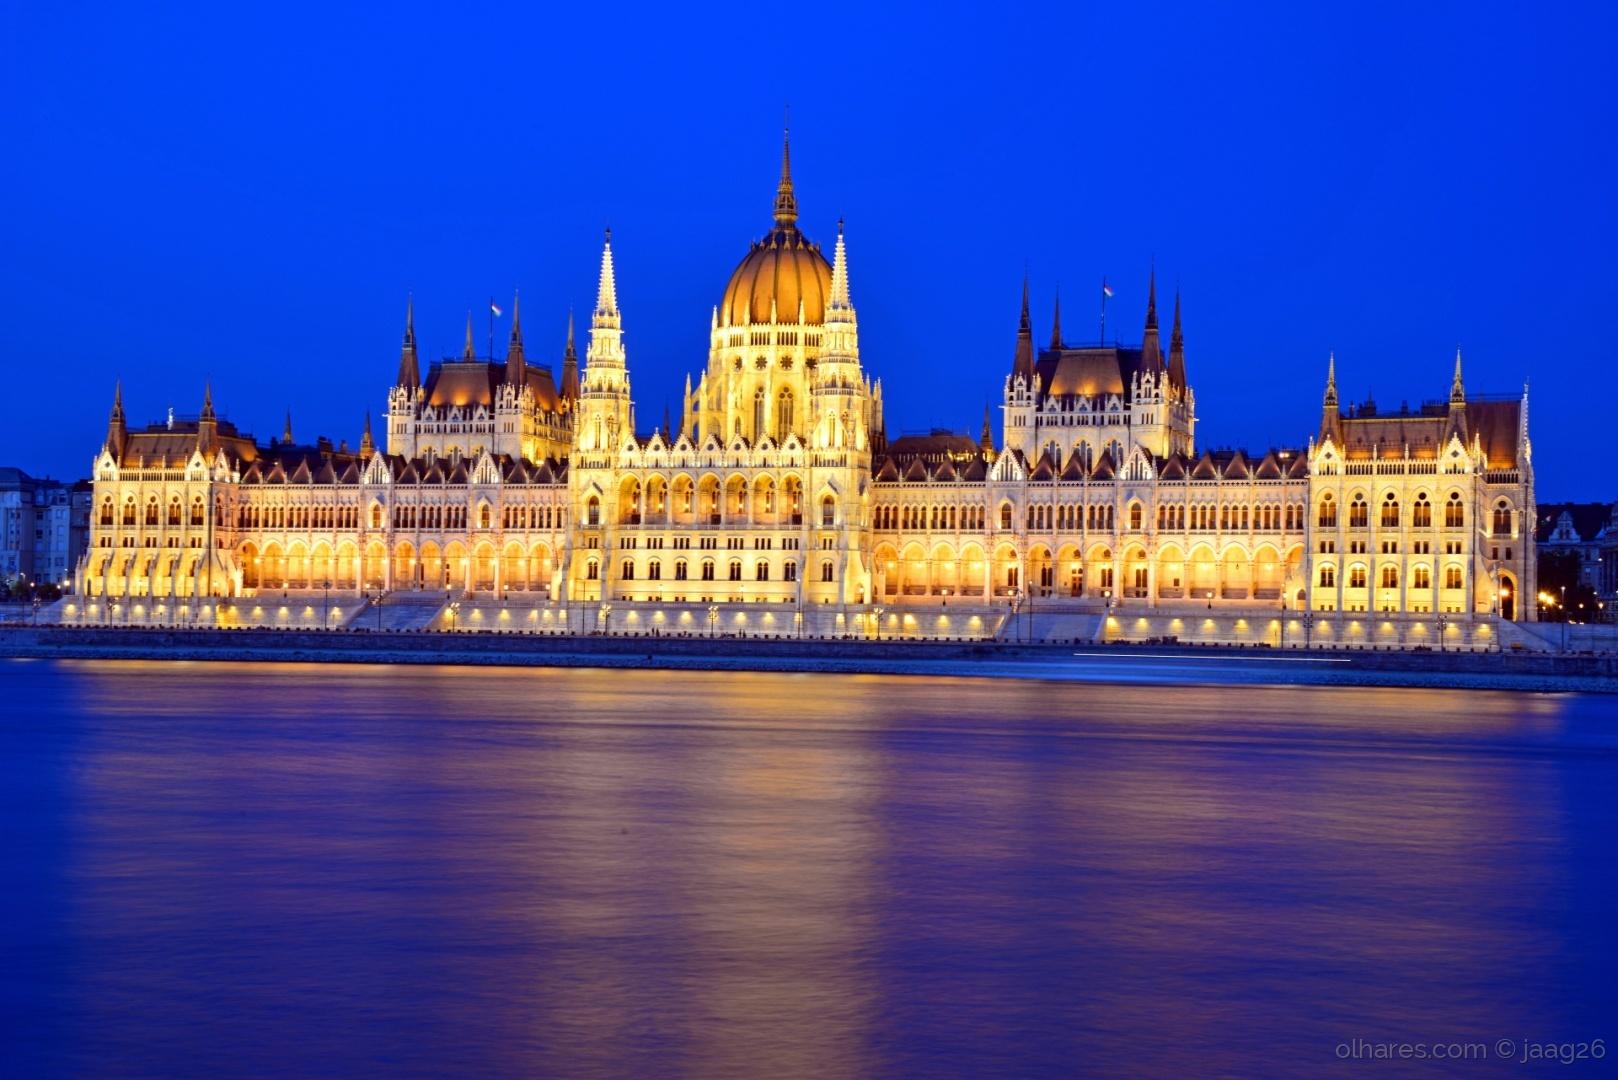 Parlamento h ngaro budapeste ler foto de jos godinho for Parlamento on line